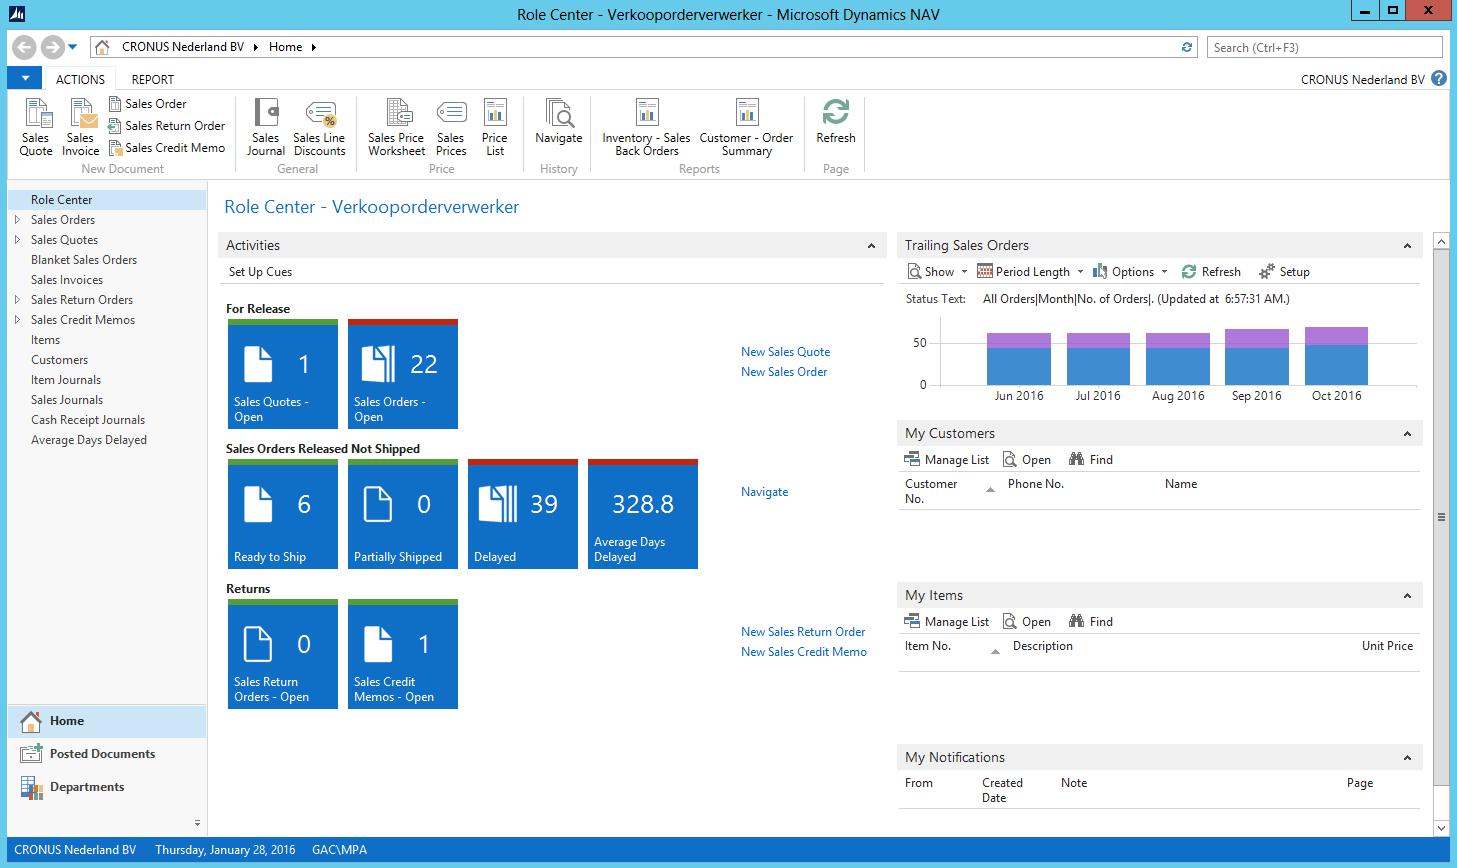 Microsoft Dynamics NAV: Auditoría y certificación (SAS 70, ISO 27001/2, TRUSTe), Extranet, Intranet y Comunidad